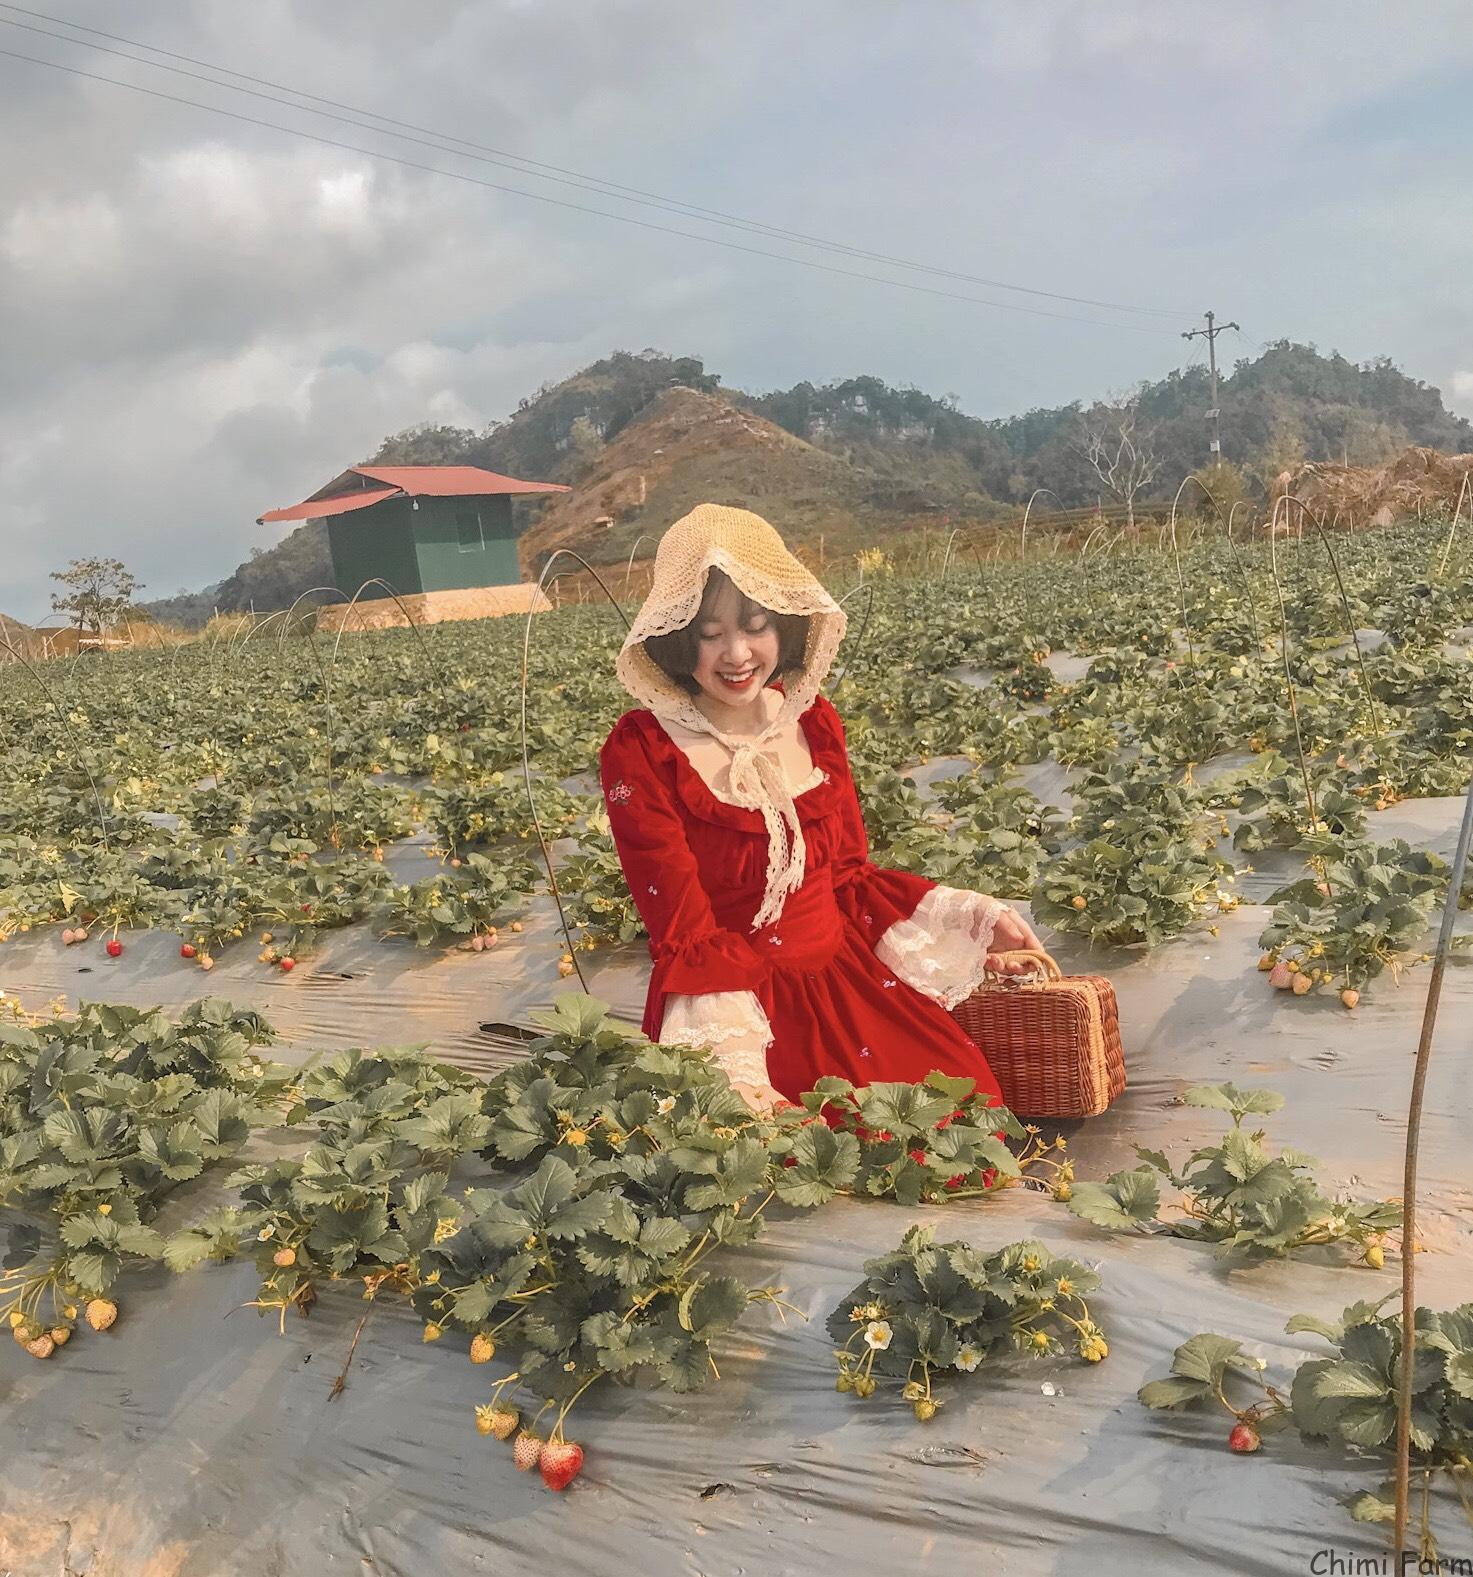 Hướng dẫn trải nghiệm Chimi Farm - Trang trại dâu tây Chimi